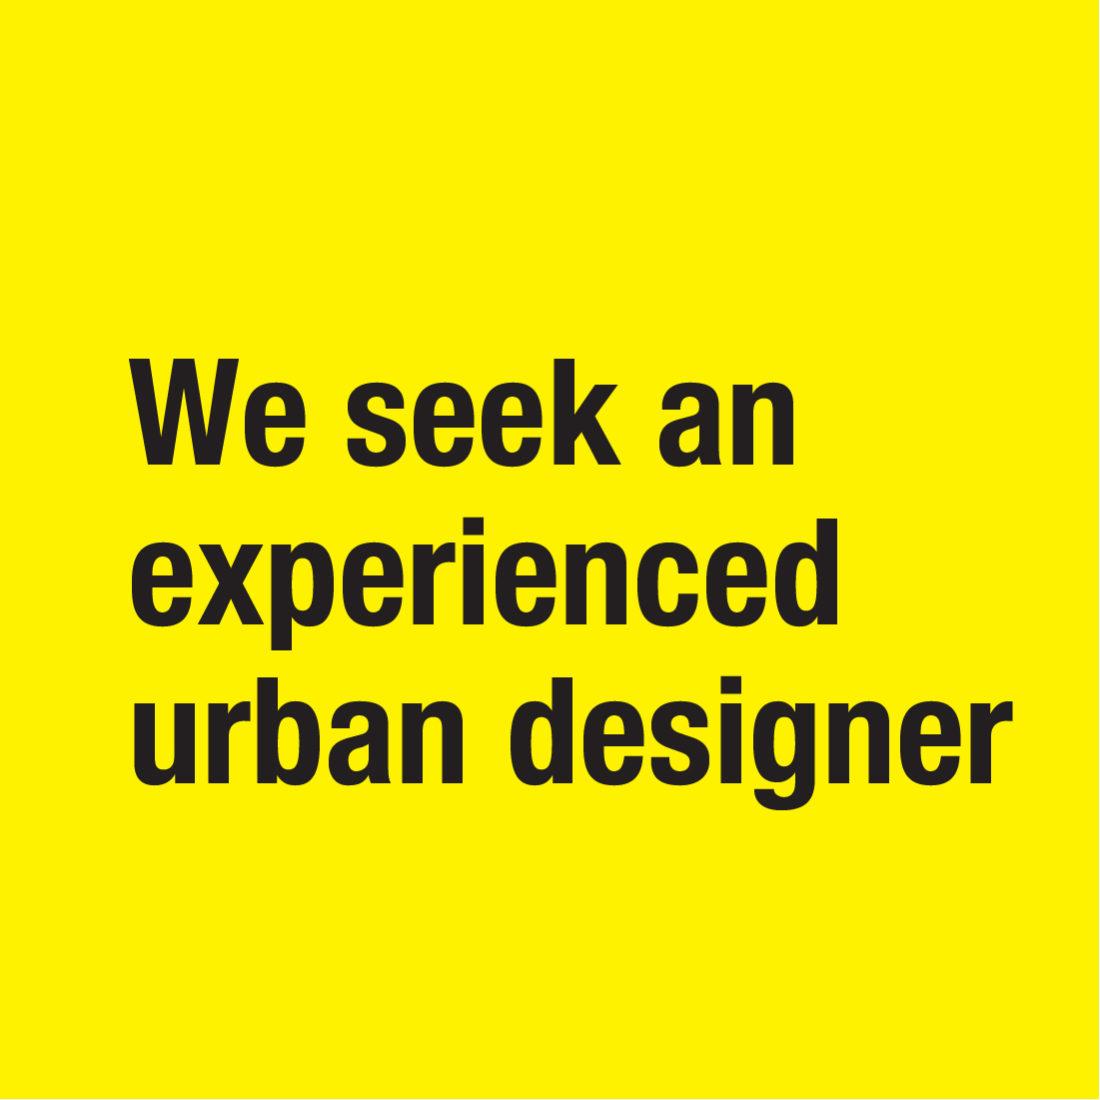 Experienced Urban Designer 01